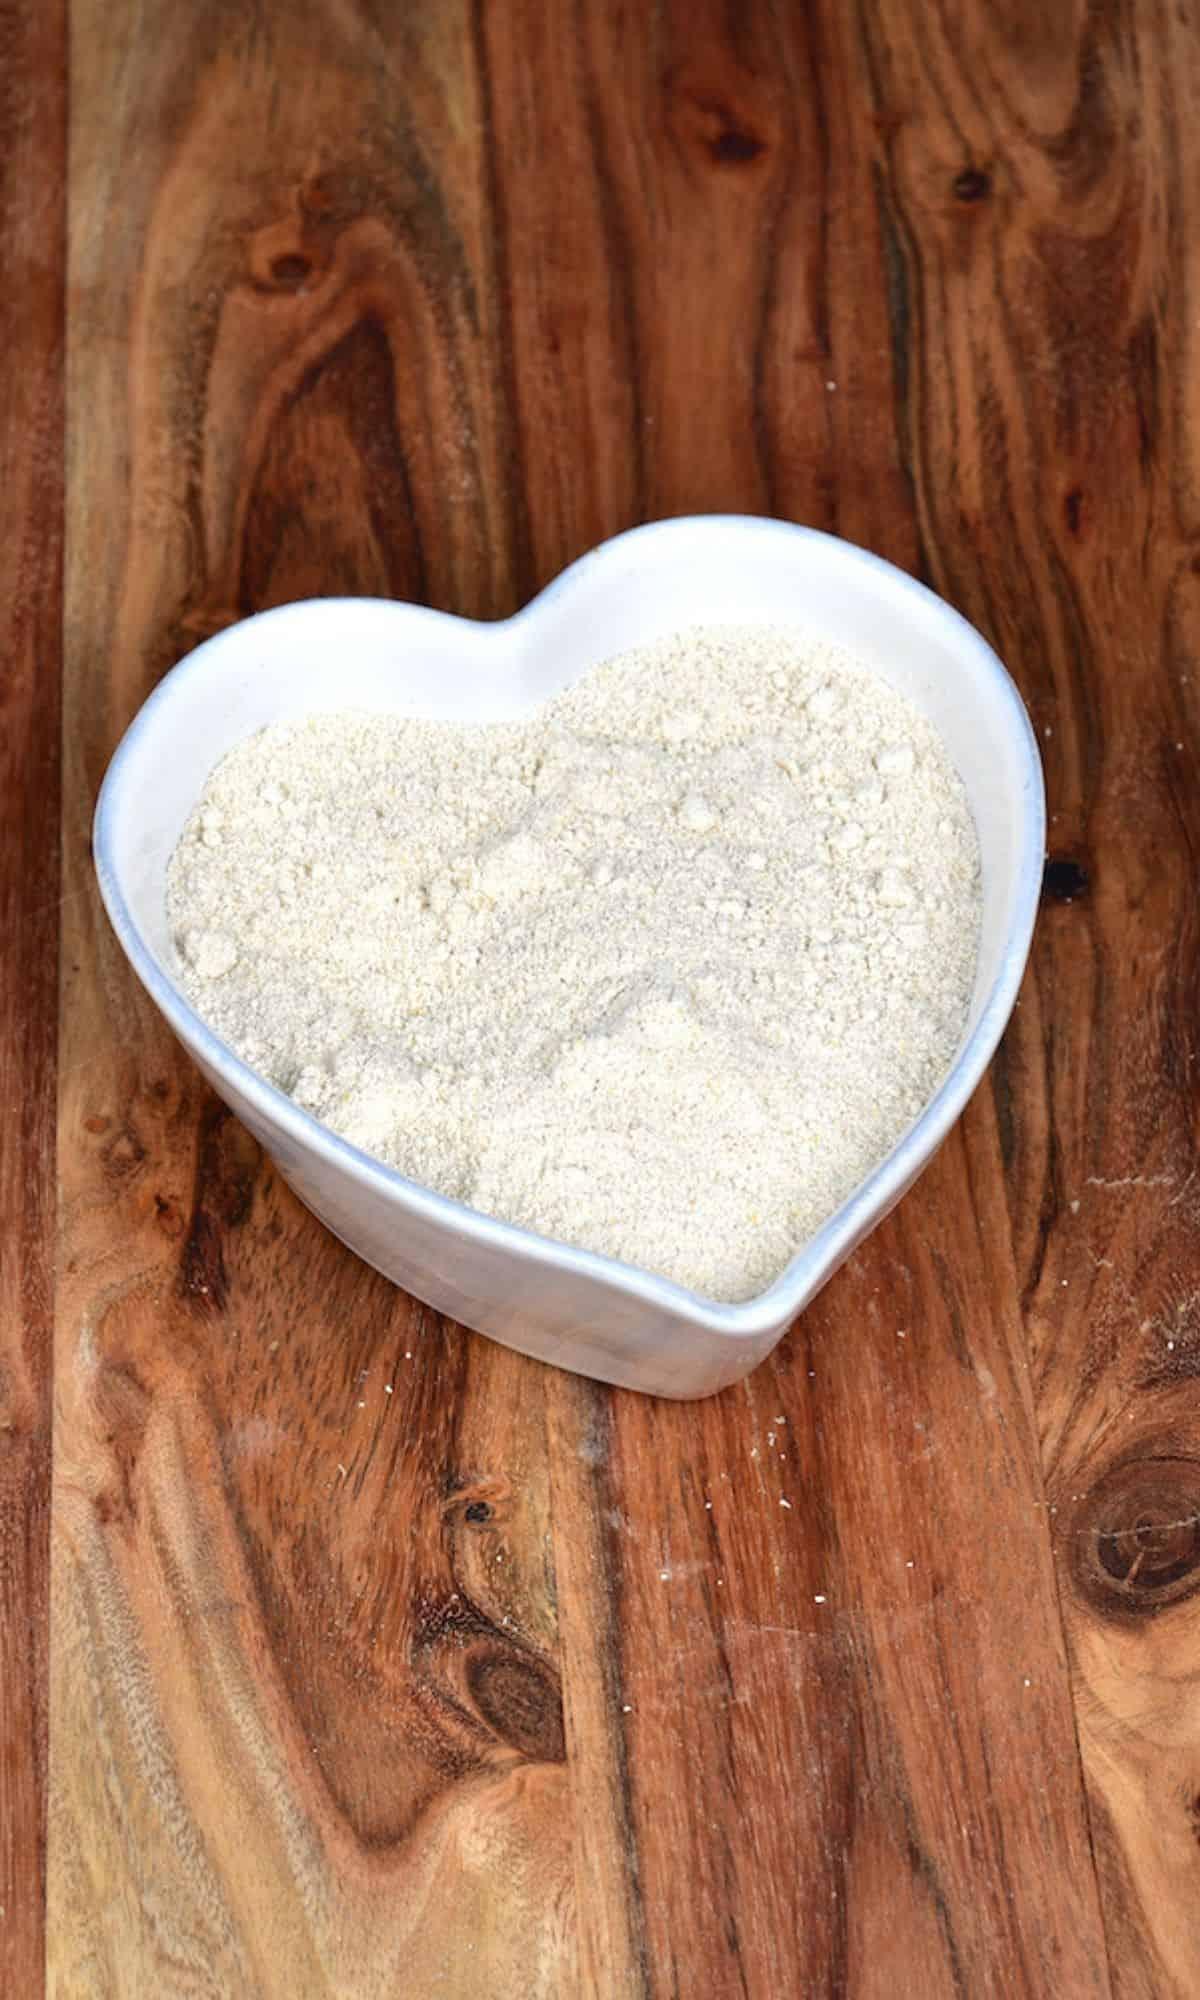 Oat flour in a heart shaped bowl